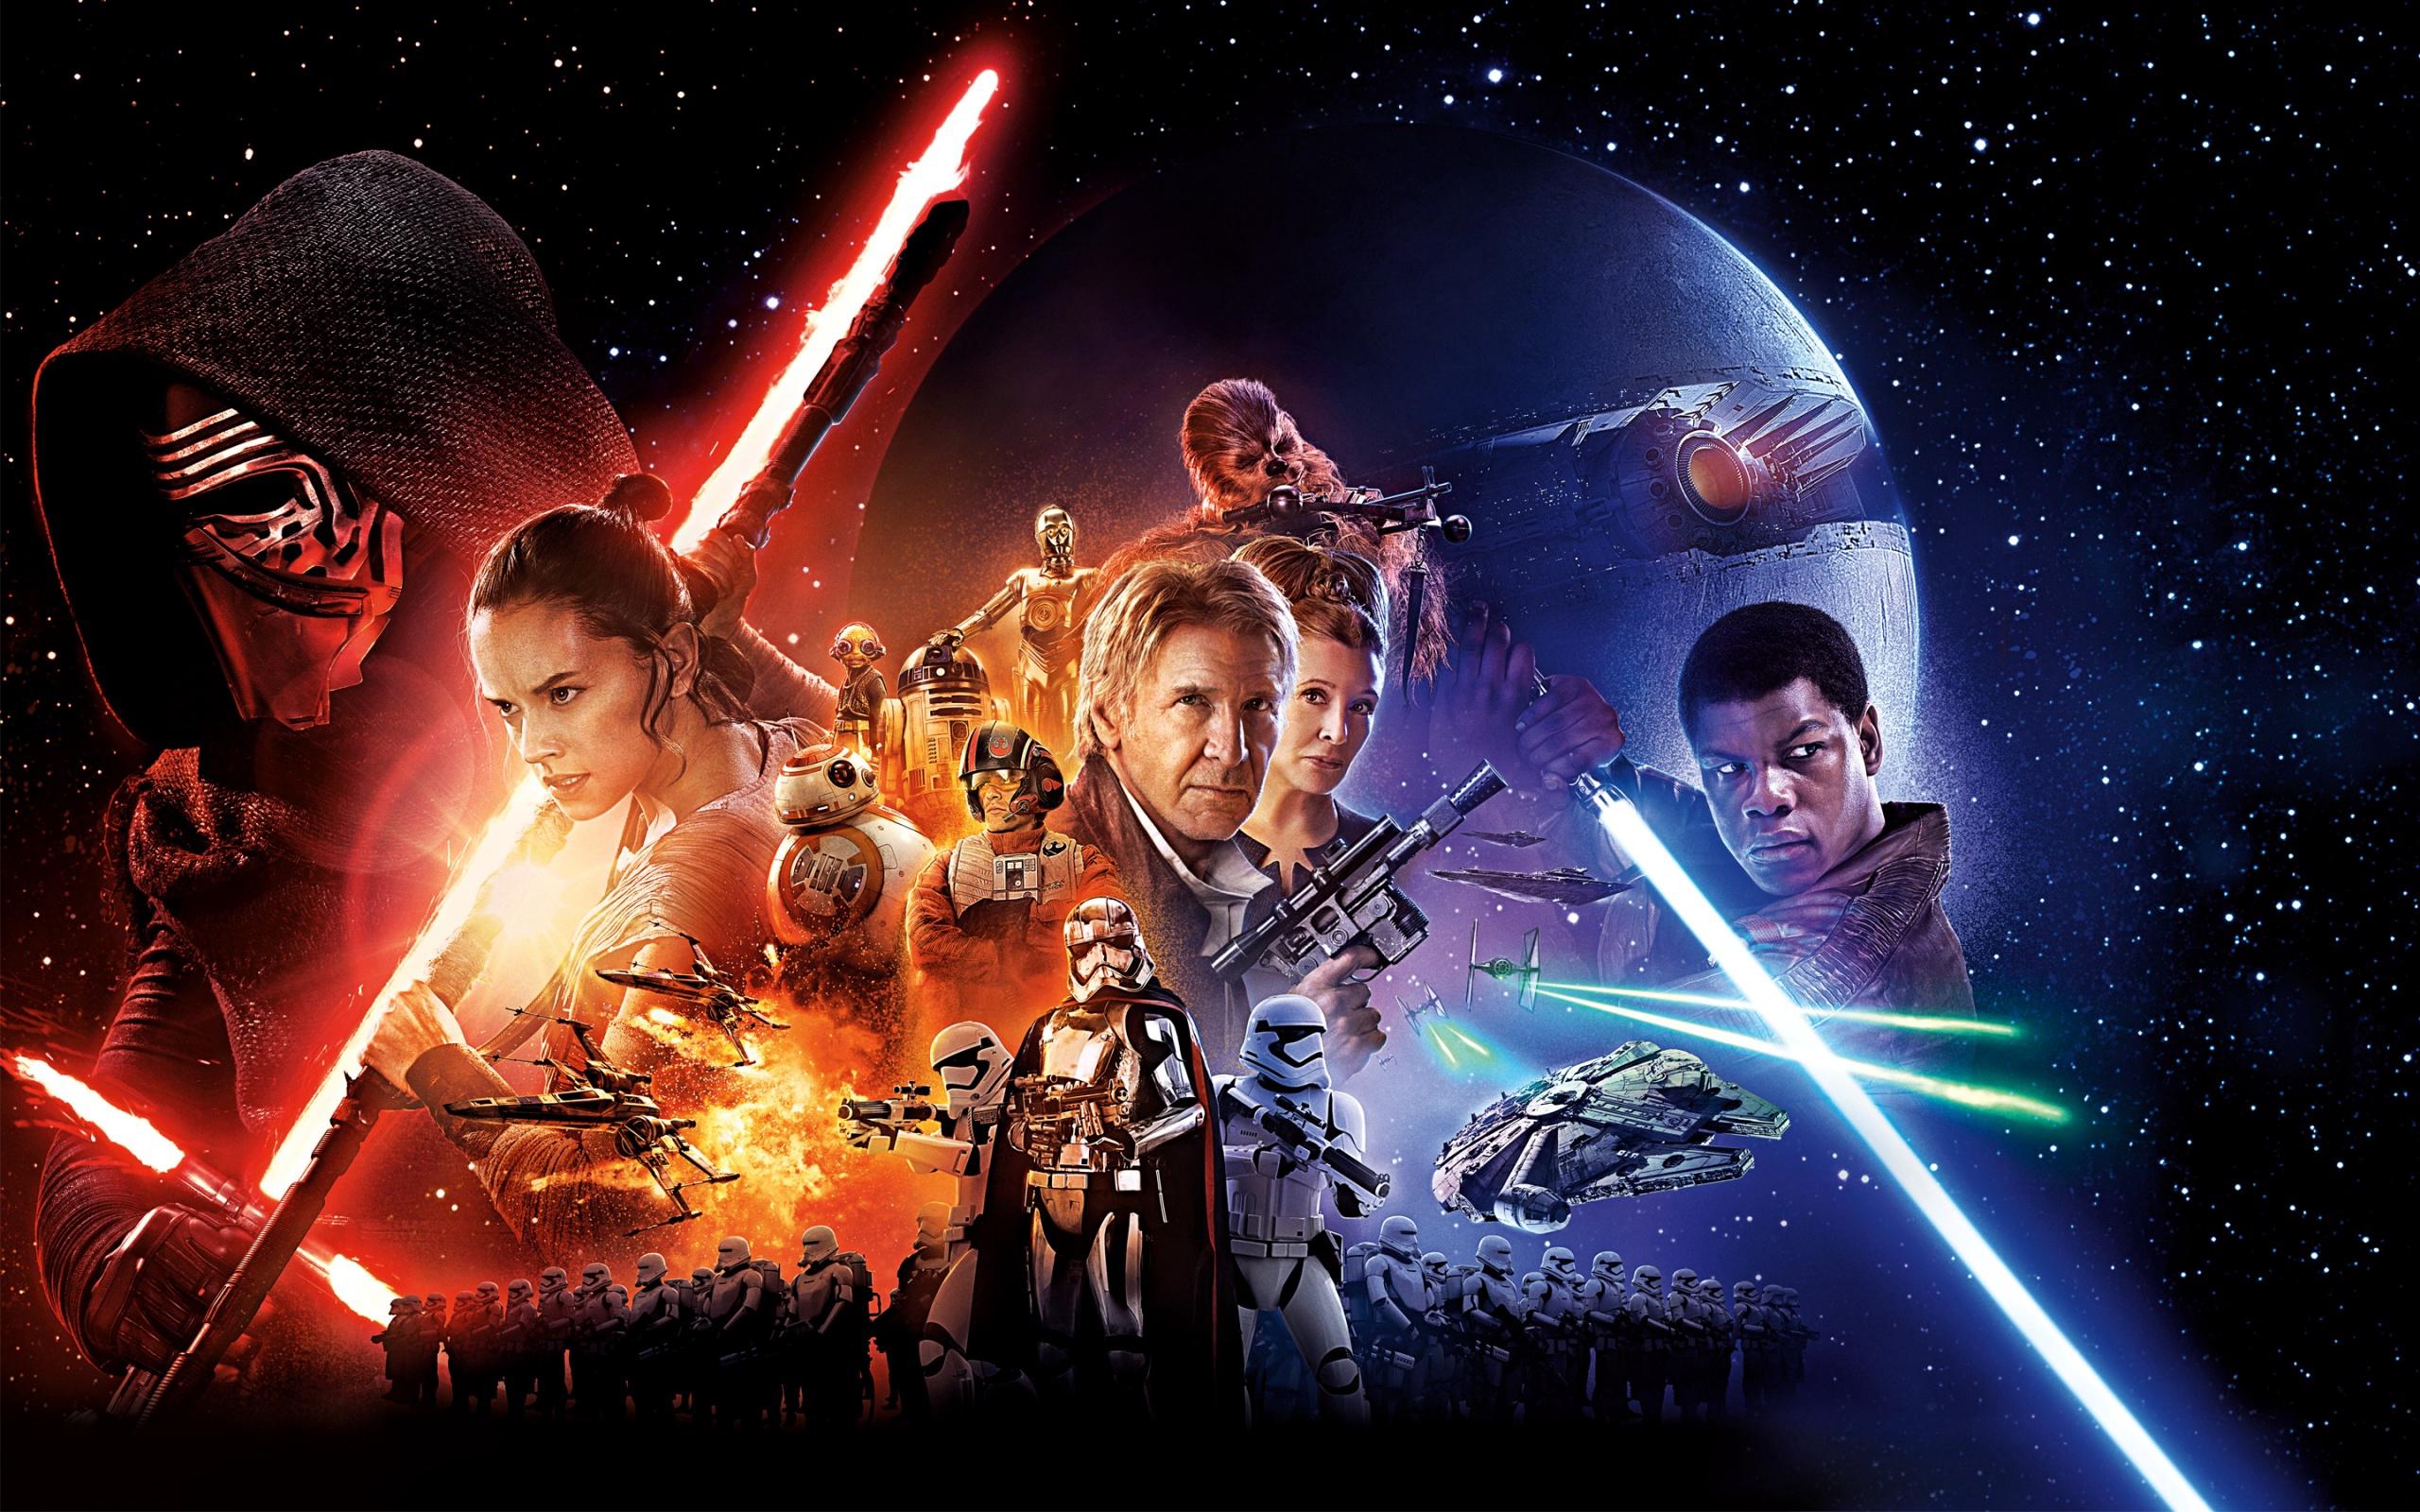 Звездные Войны: эпизод 7, обои со звездными войнами, Star Wars Episode VII, 2560 на 1600 пикселей